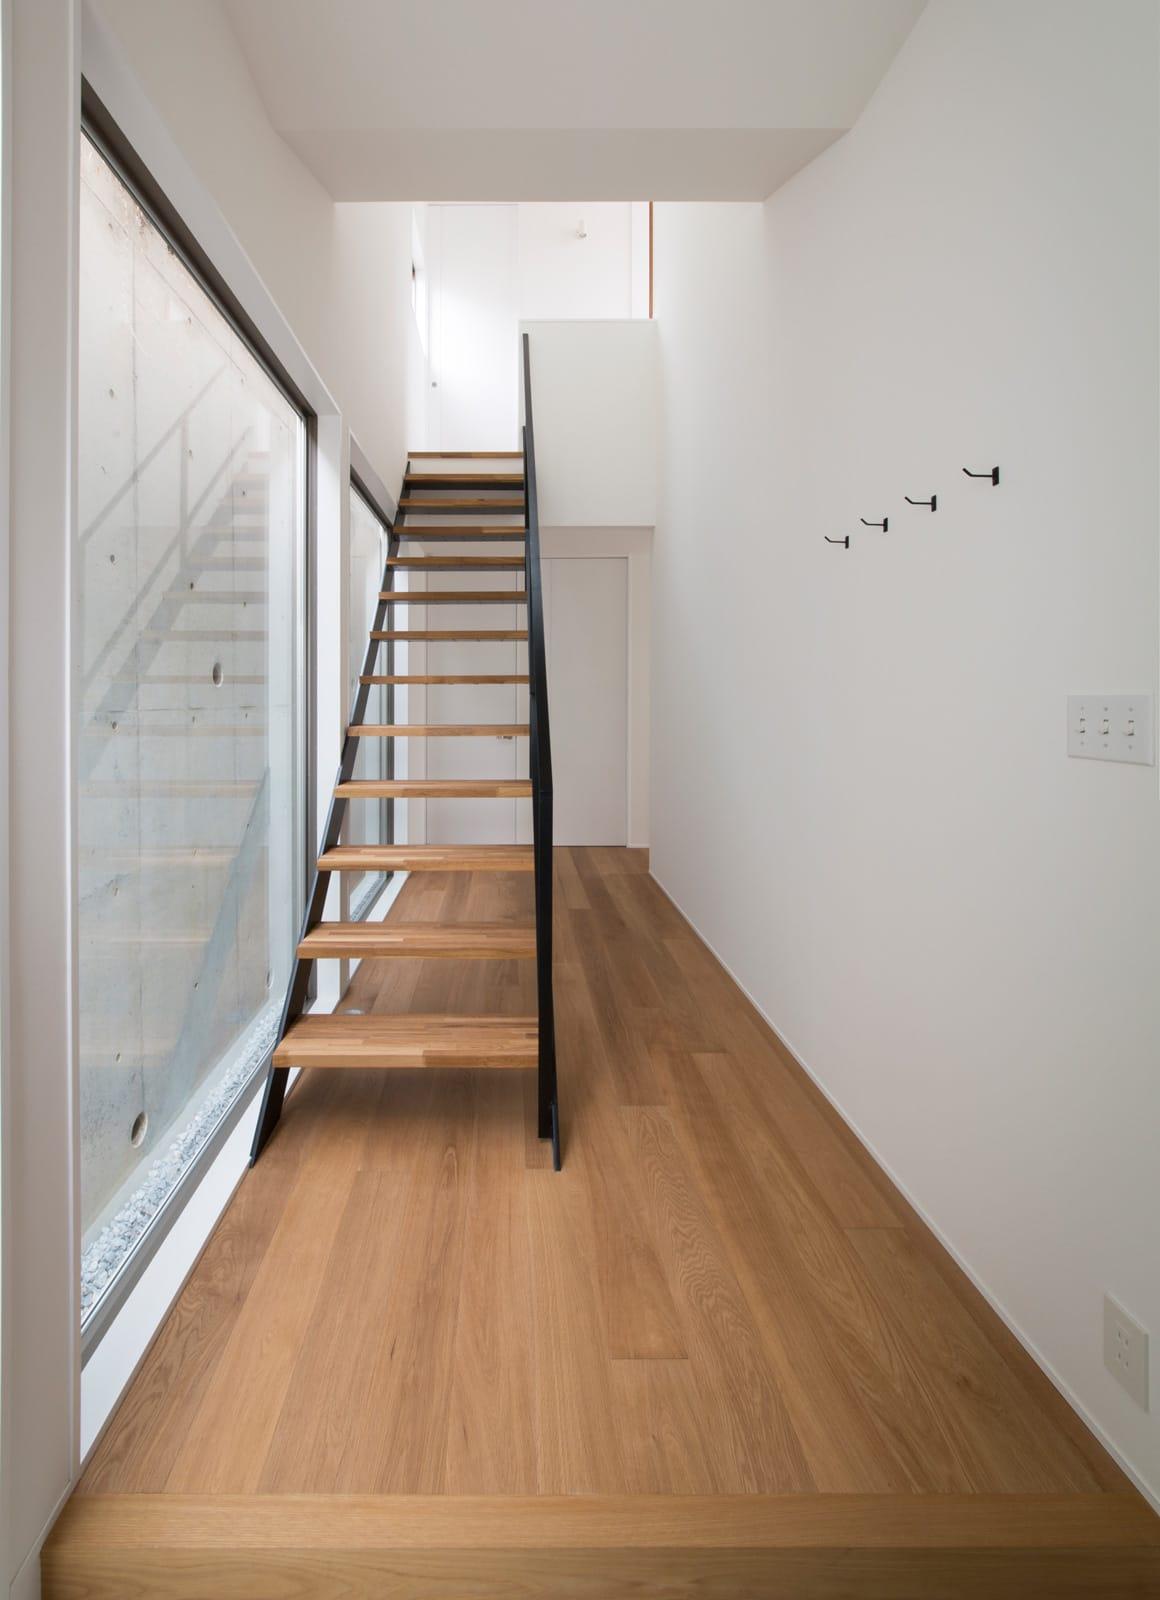 塩屋 No.1 ハウスの階段(鉄骨製)1